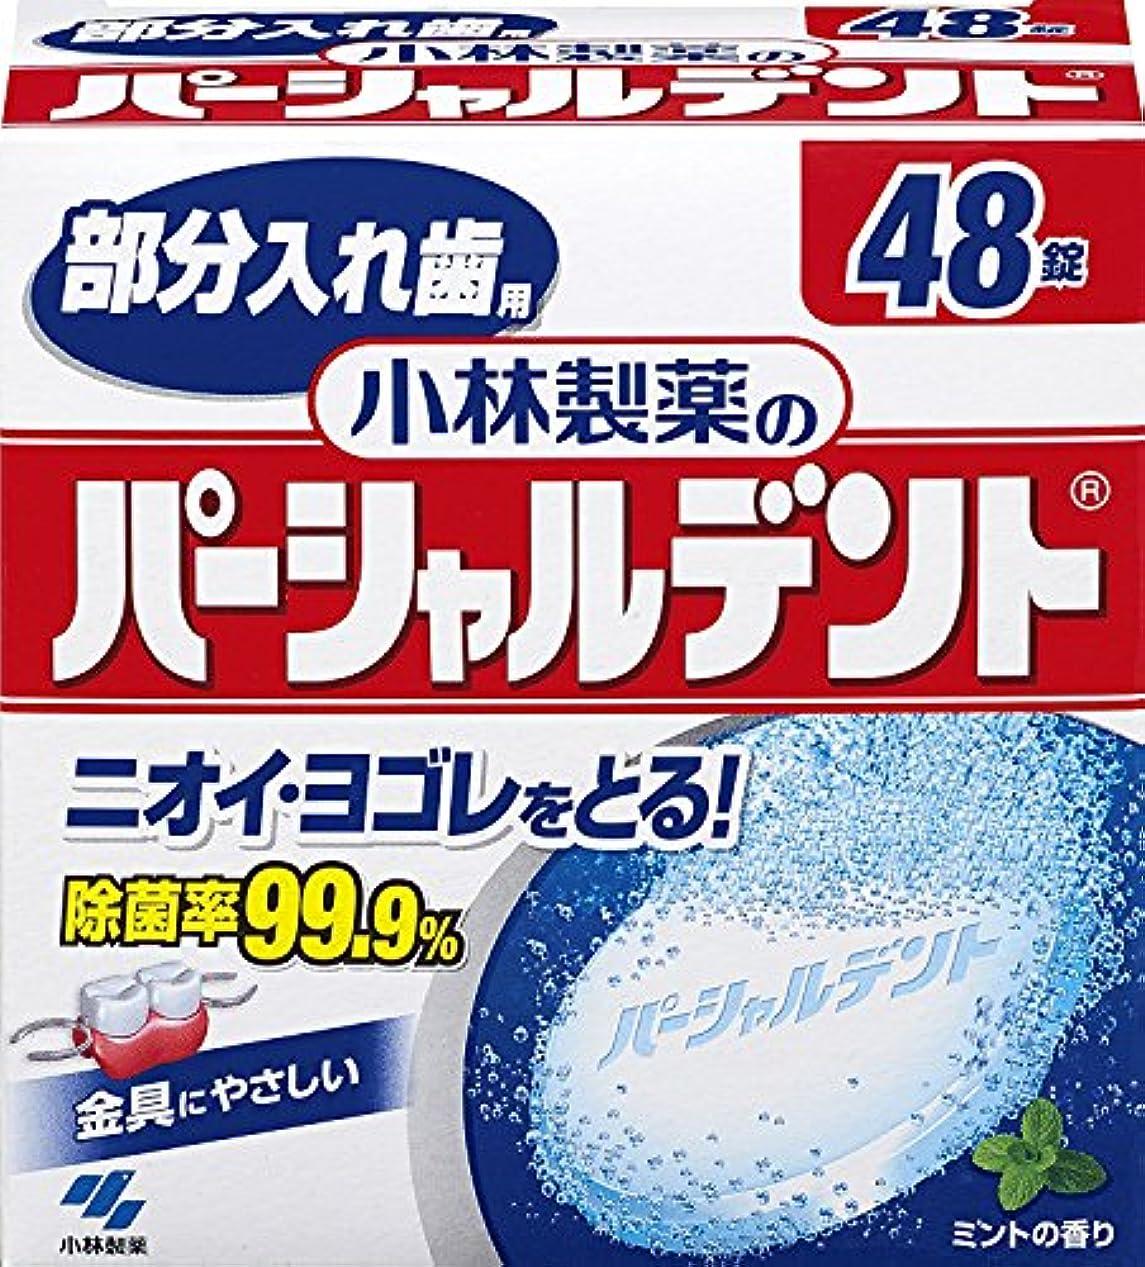 干ばつモロニックつづり小林製薬のパーシャルデント 部分入れ歯用 洗浄剤 ミントの香 48錠